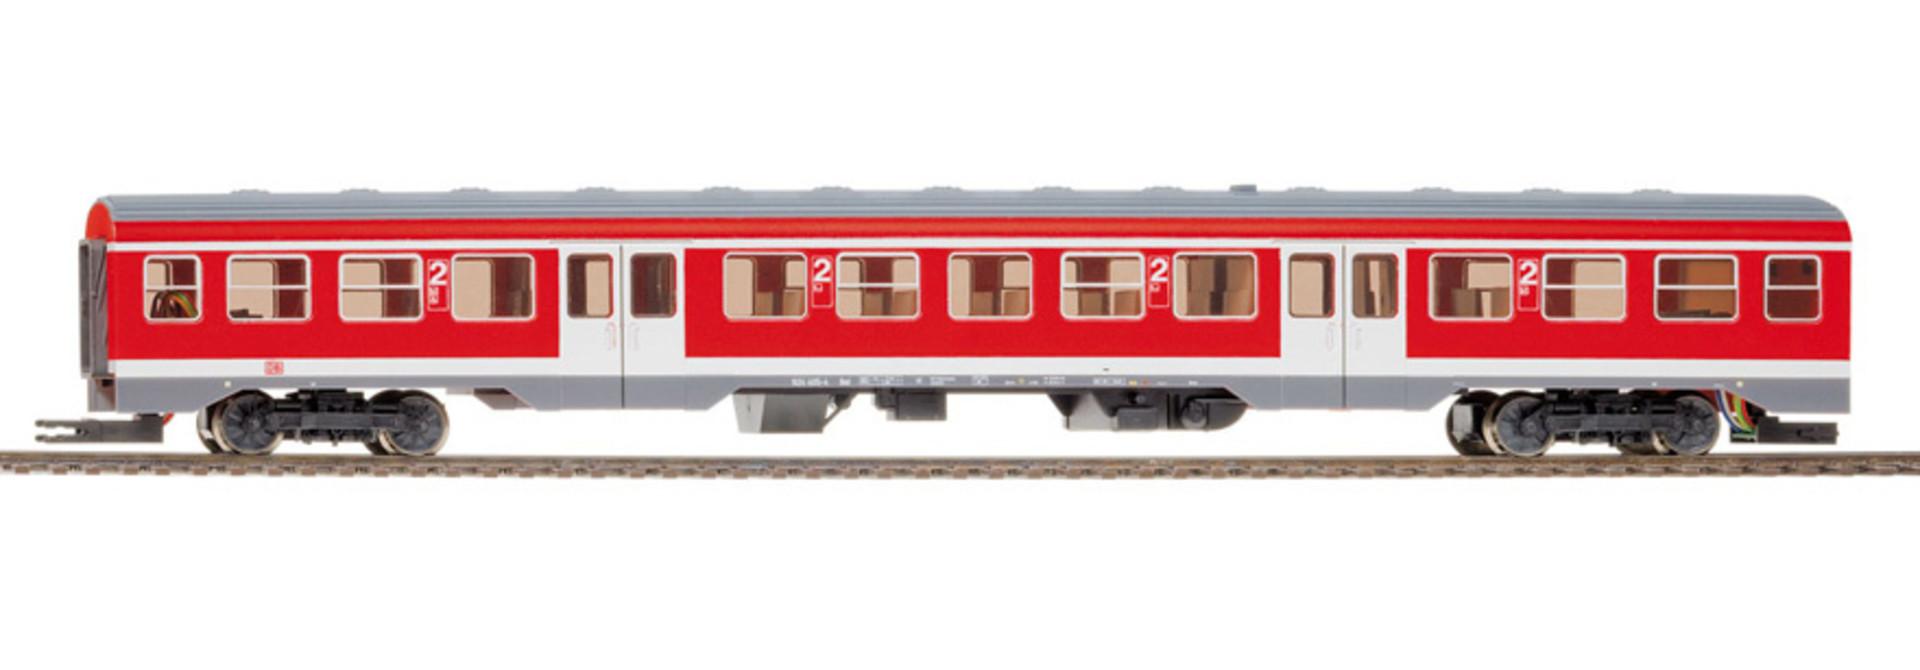 1521840 DB AG 634 655/634 661 Triebwagen verkehrsrot, 3L-WS digital